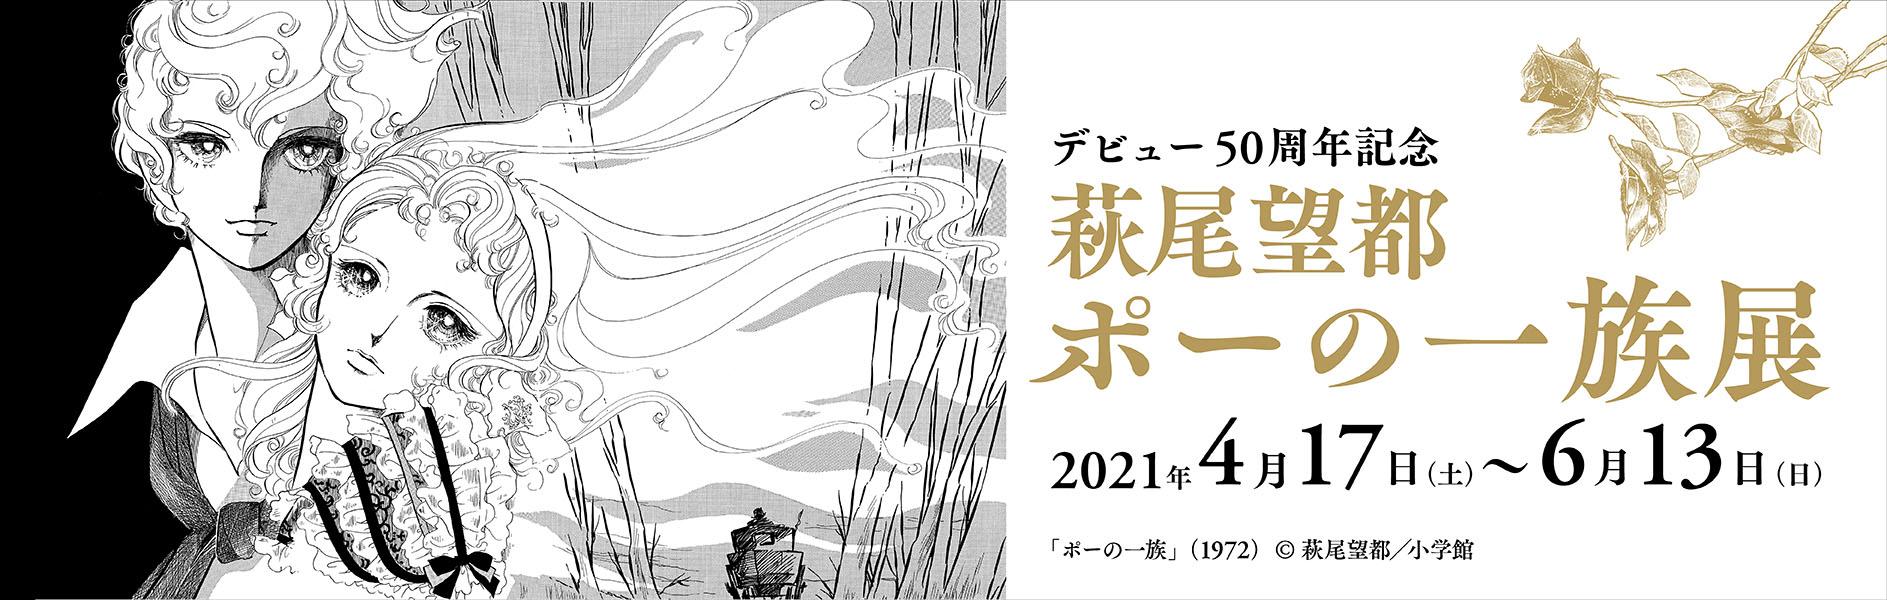 デビュー50周年記念 萩尾望都 ポーの一族展